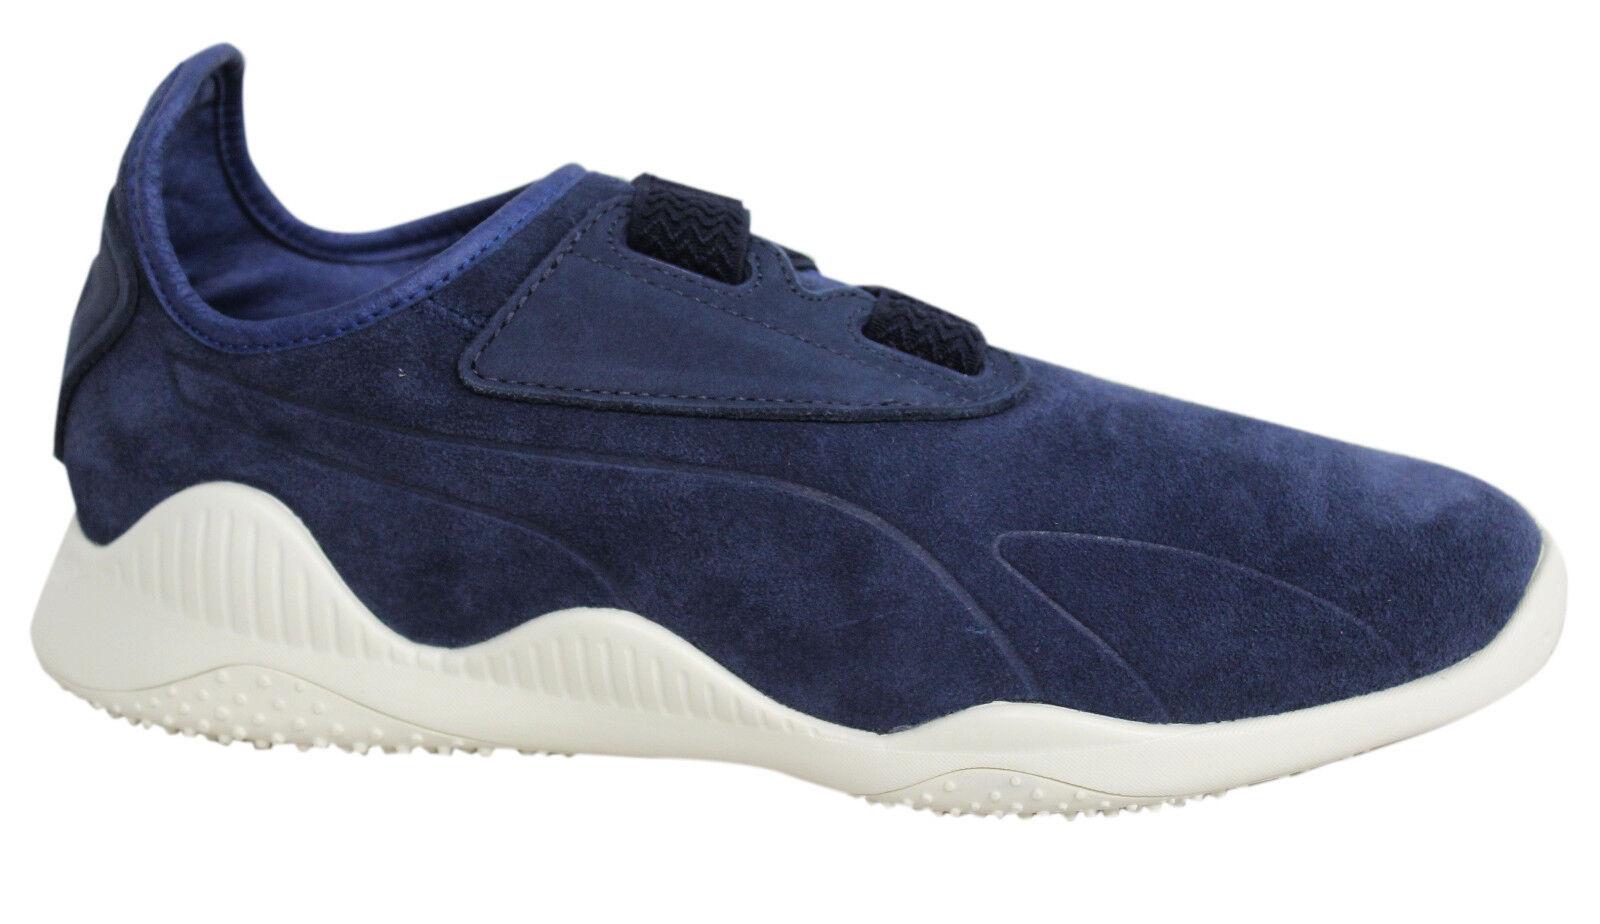 Zapatos de mujer baratos zapatos de mujer Puma Mostro Gamuza Cuero De Correa Azul Marino para Hombre Tenis 363450 01 U64